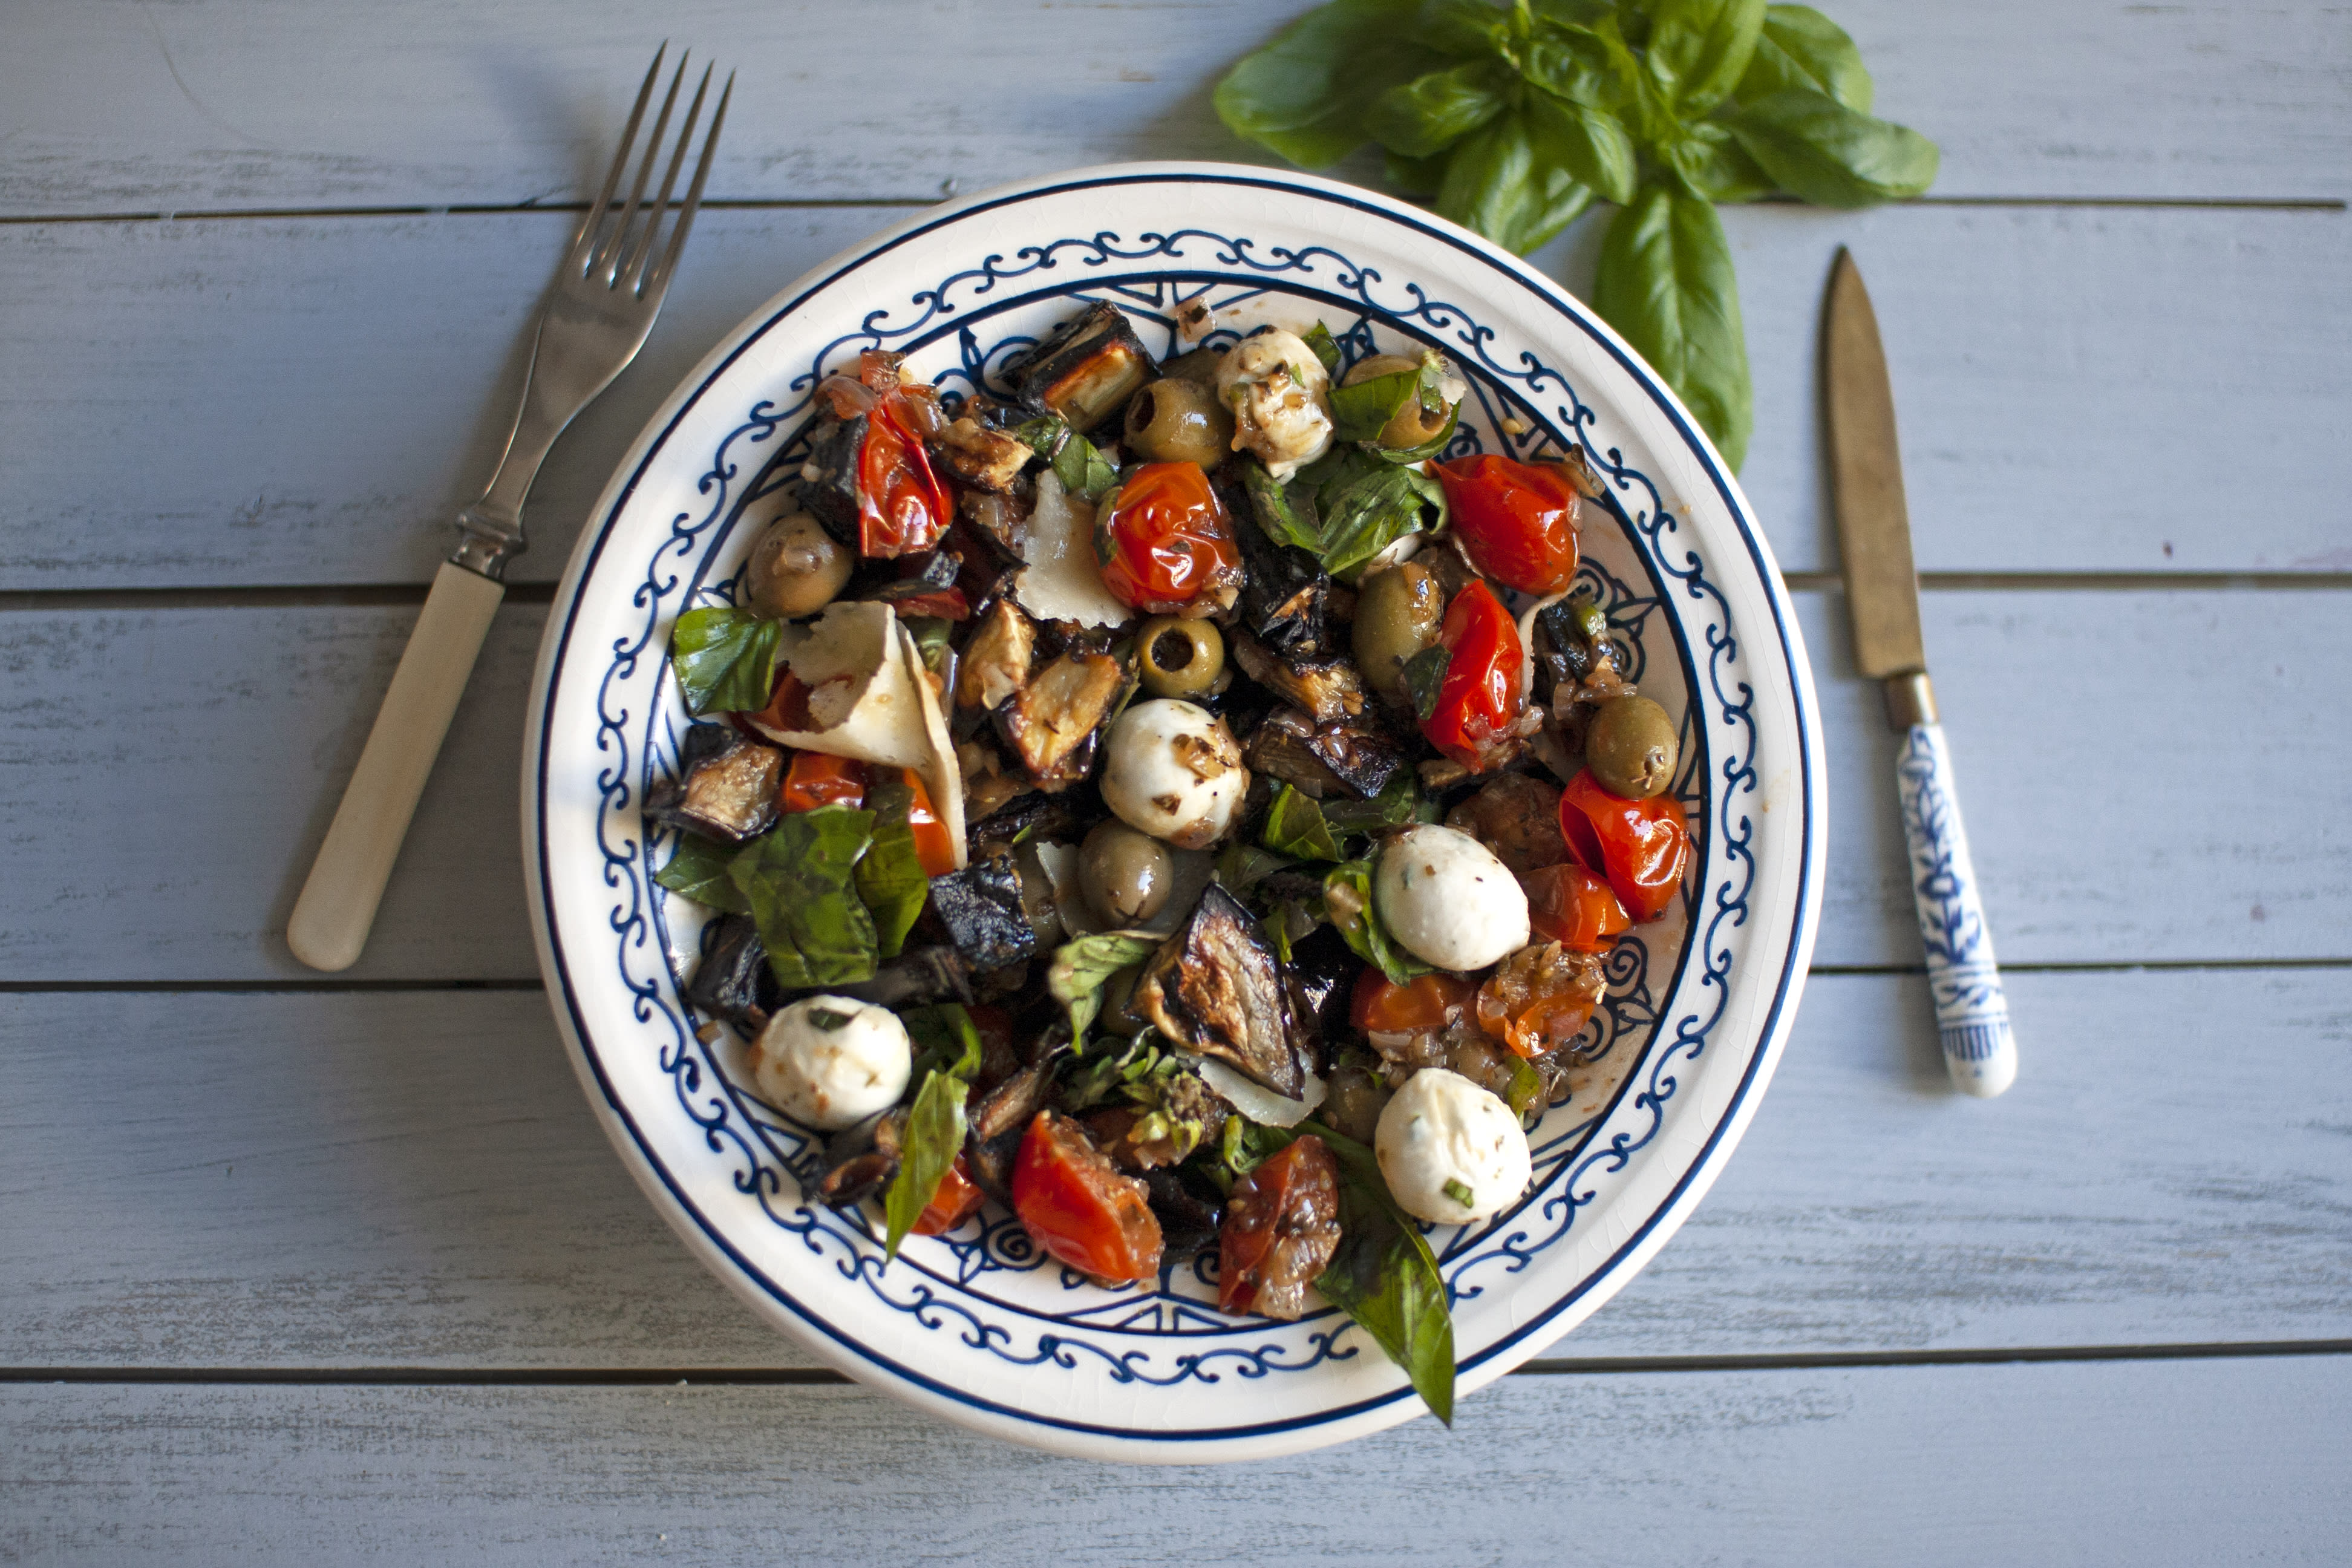 Sicilian Style Eggplant Caponata with Mozzarella and Green Olives